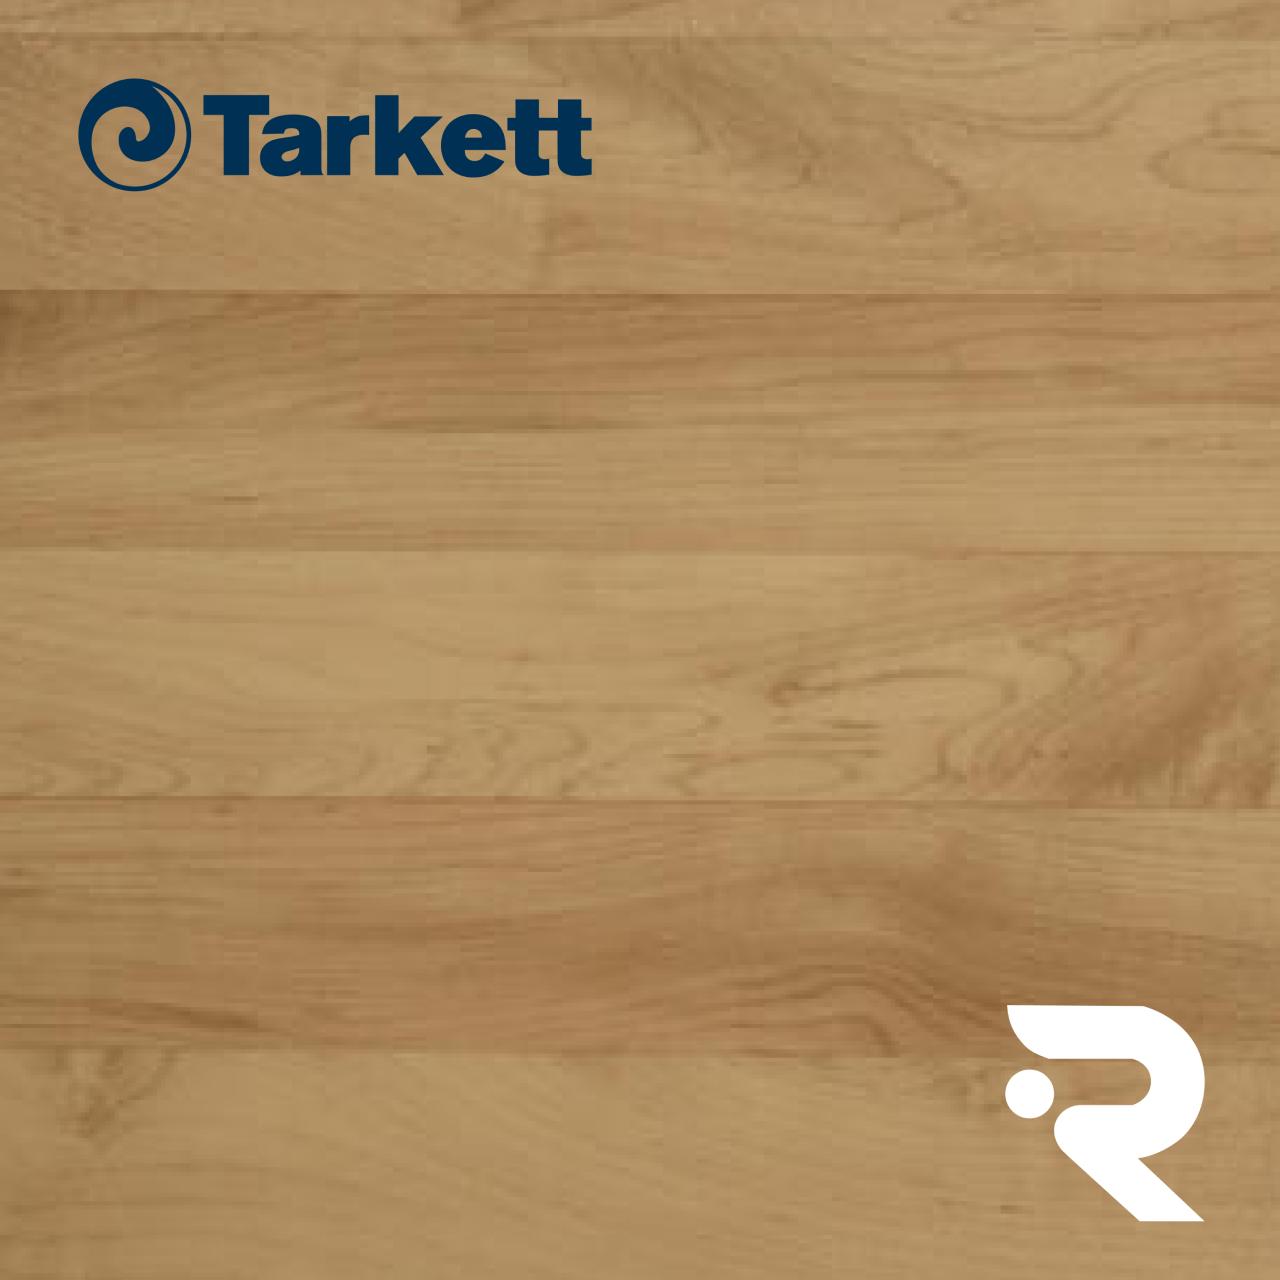 🏐 Спортивне покриття Tarkett   Maple MAPLE   OMNISPORTS V35   2 х 20.5 м